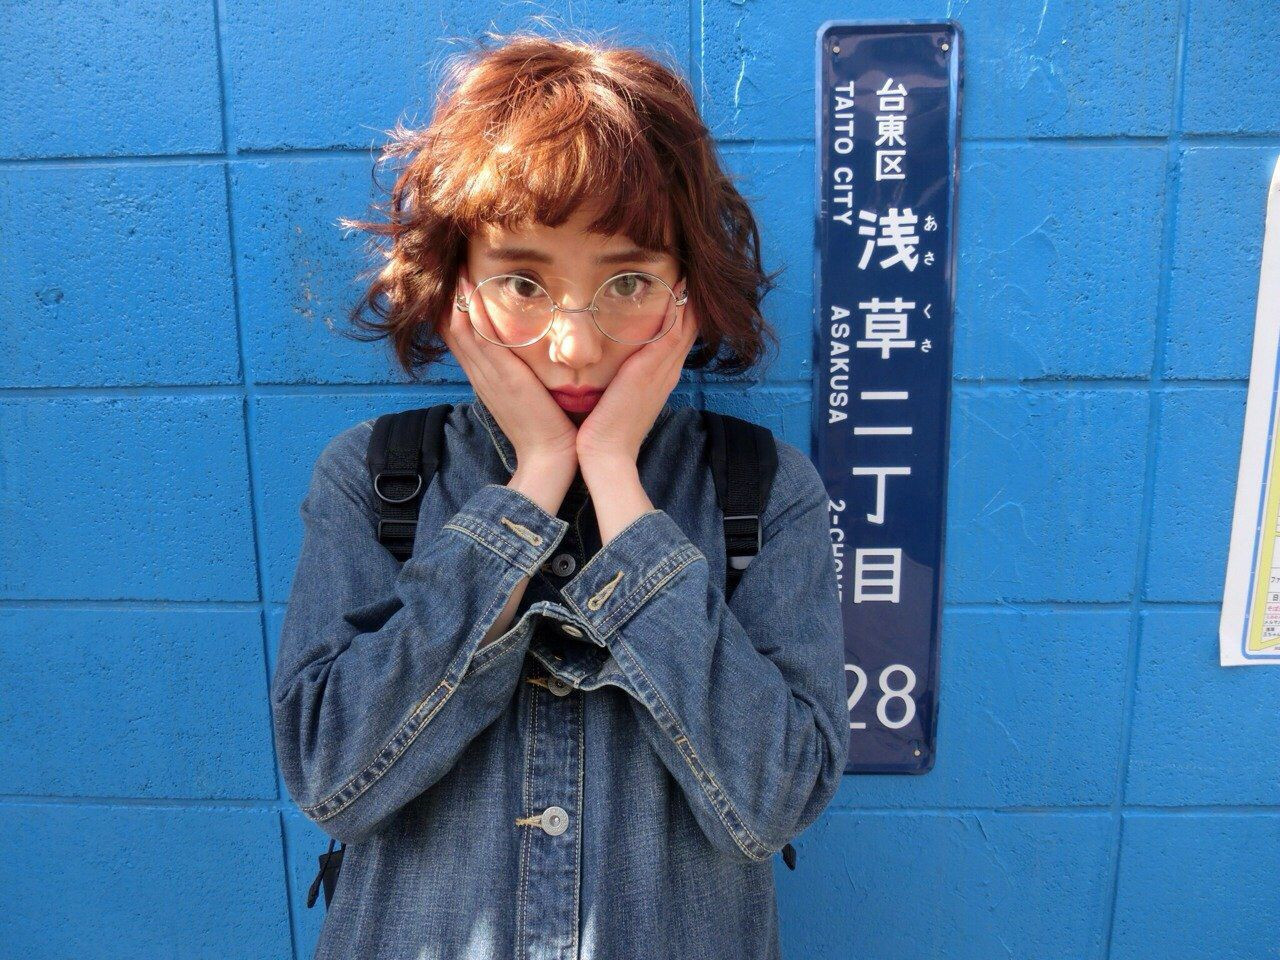 ふんわり感を強調して!くせ毛さんのショートボブ asako / nanuk shibuya